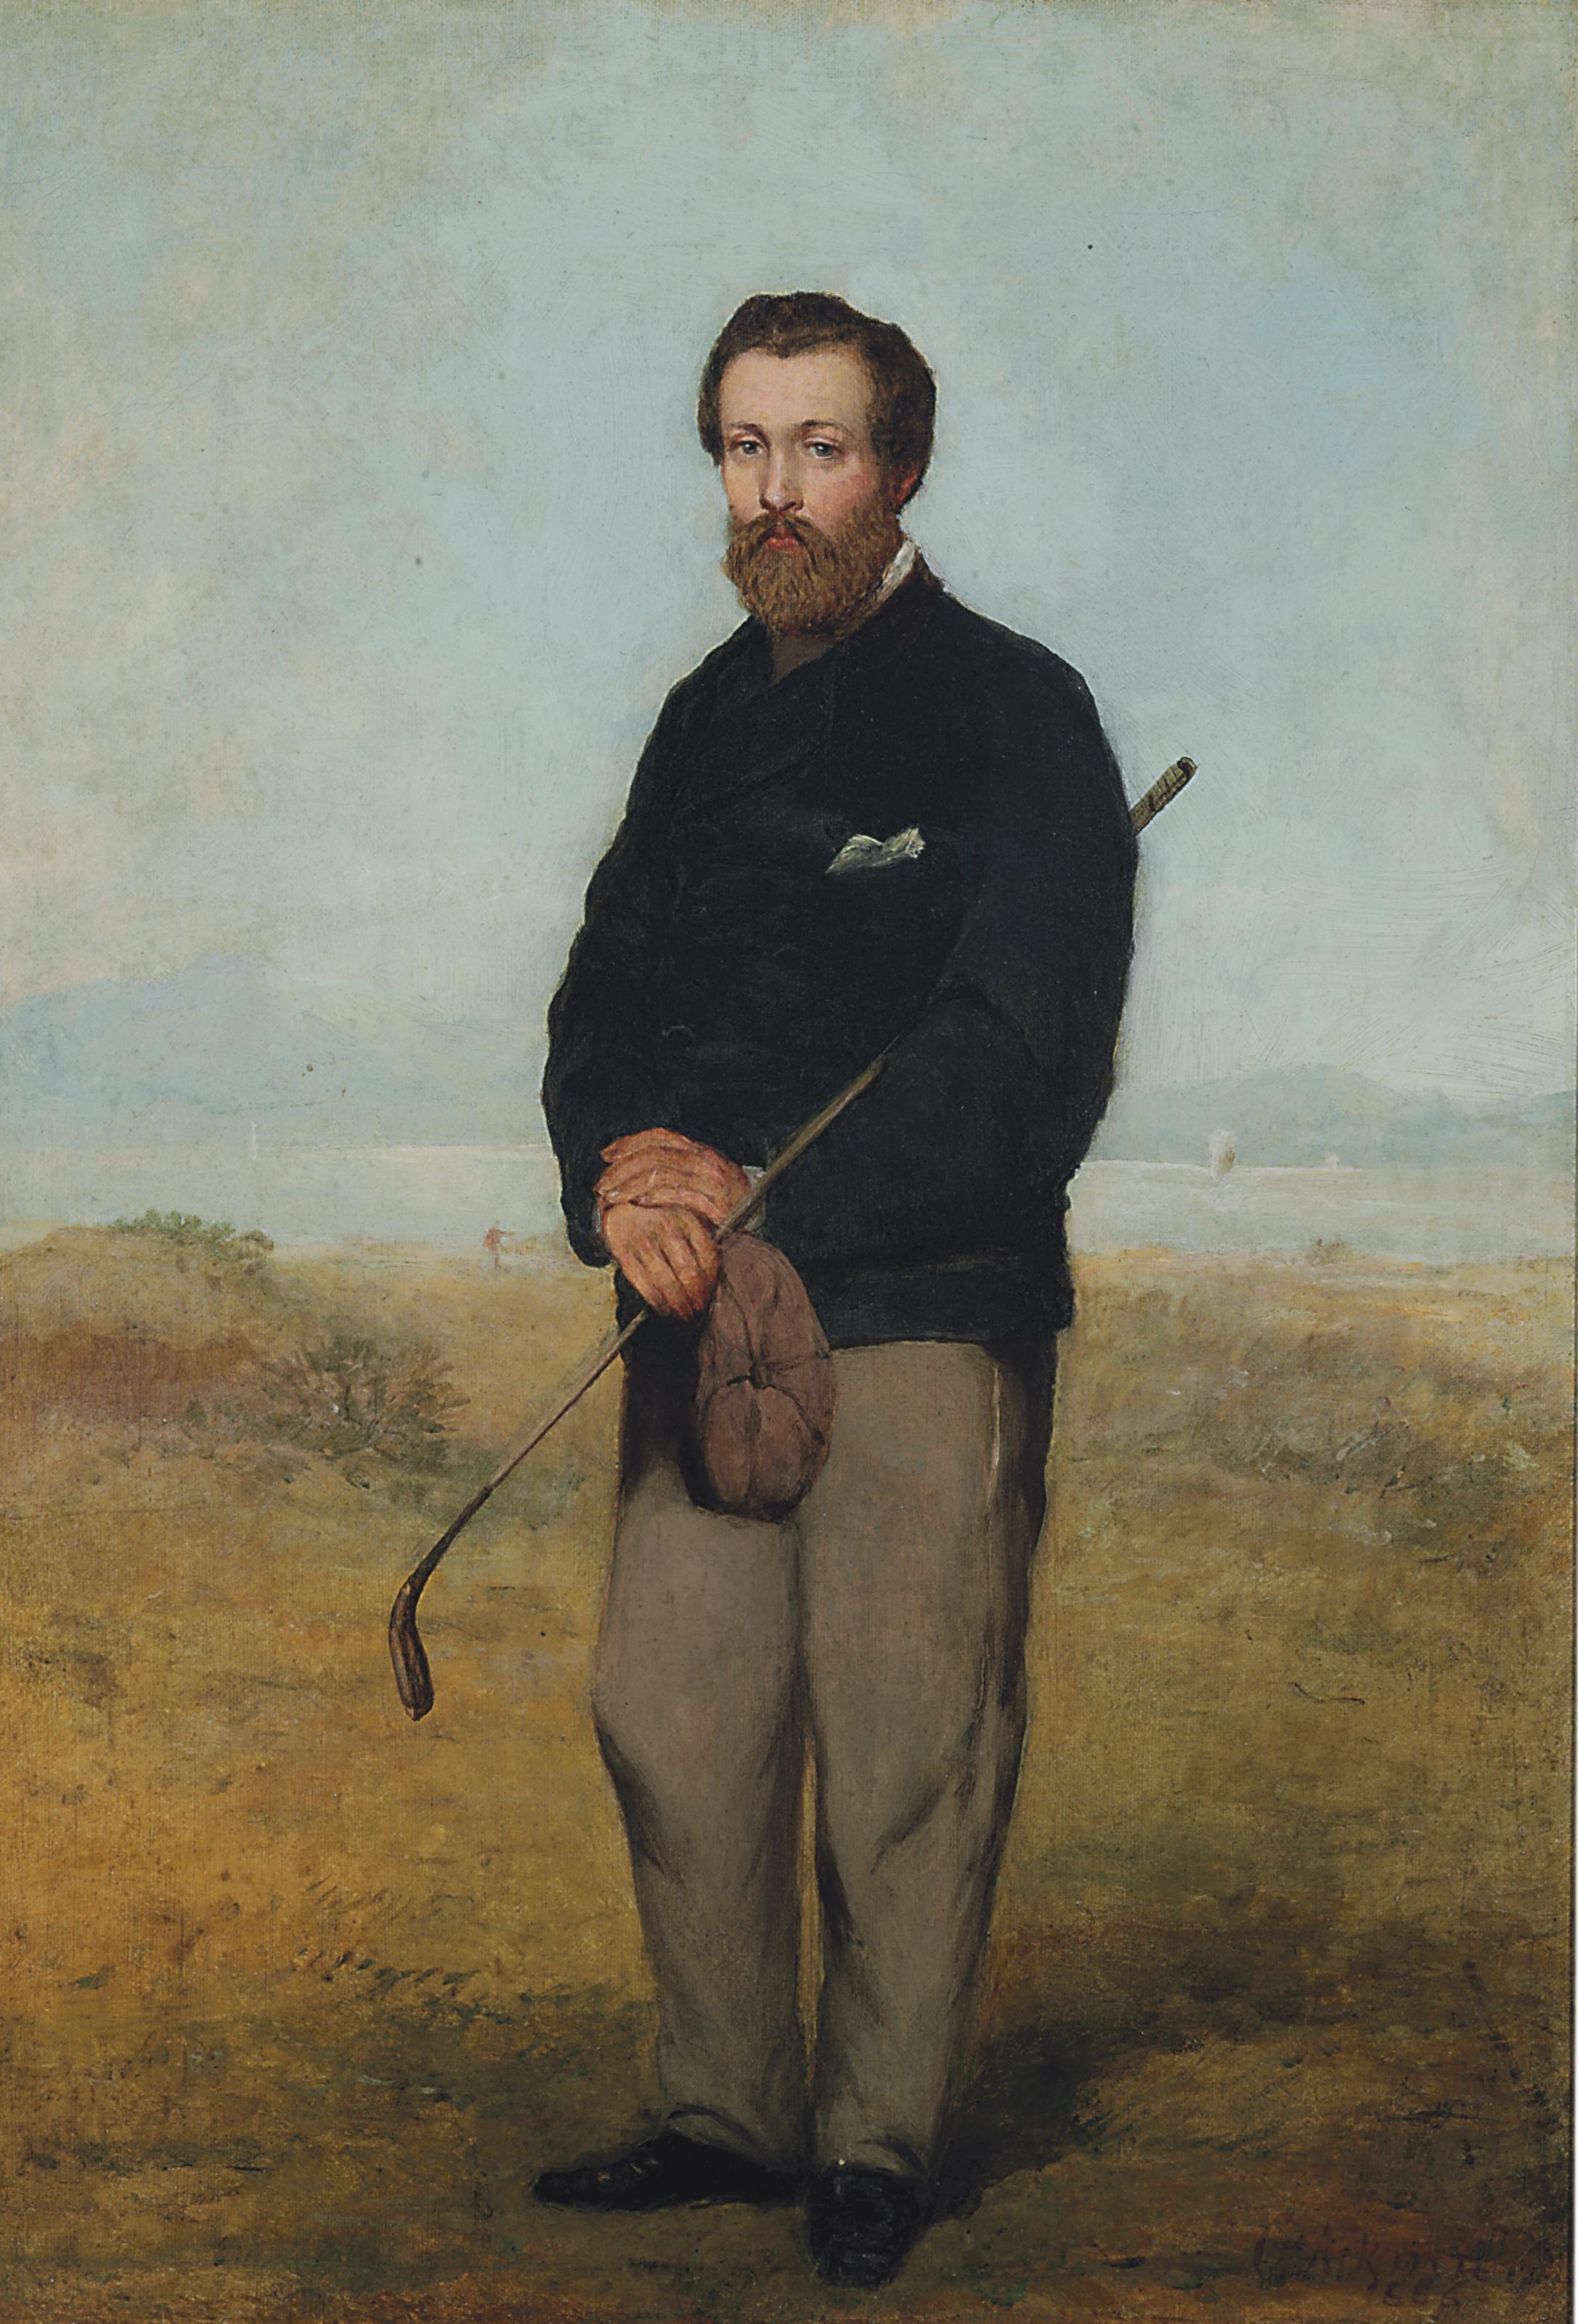 A Gentleman Golfer